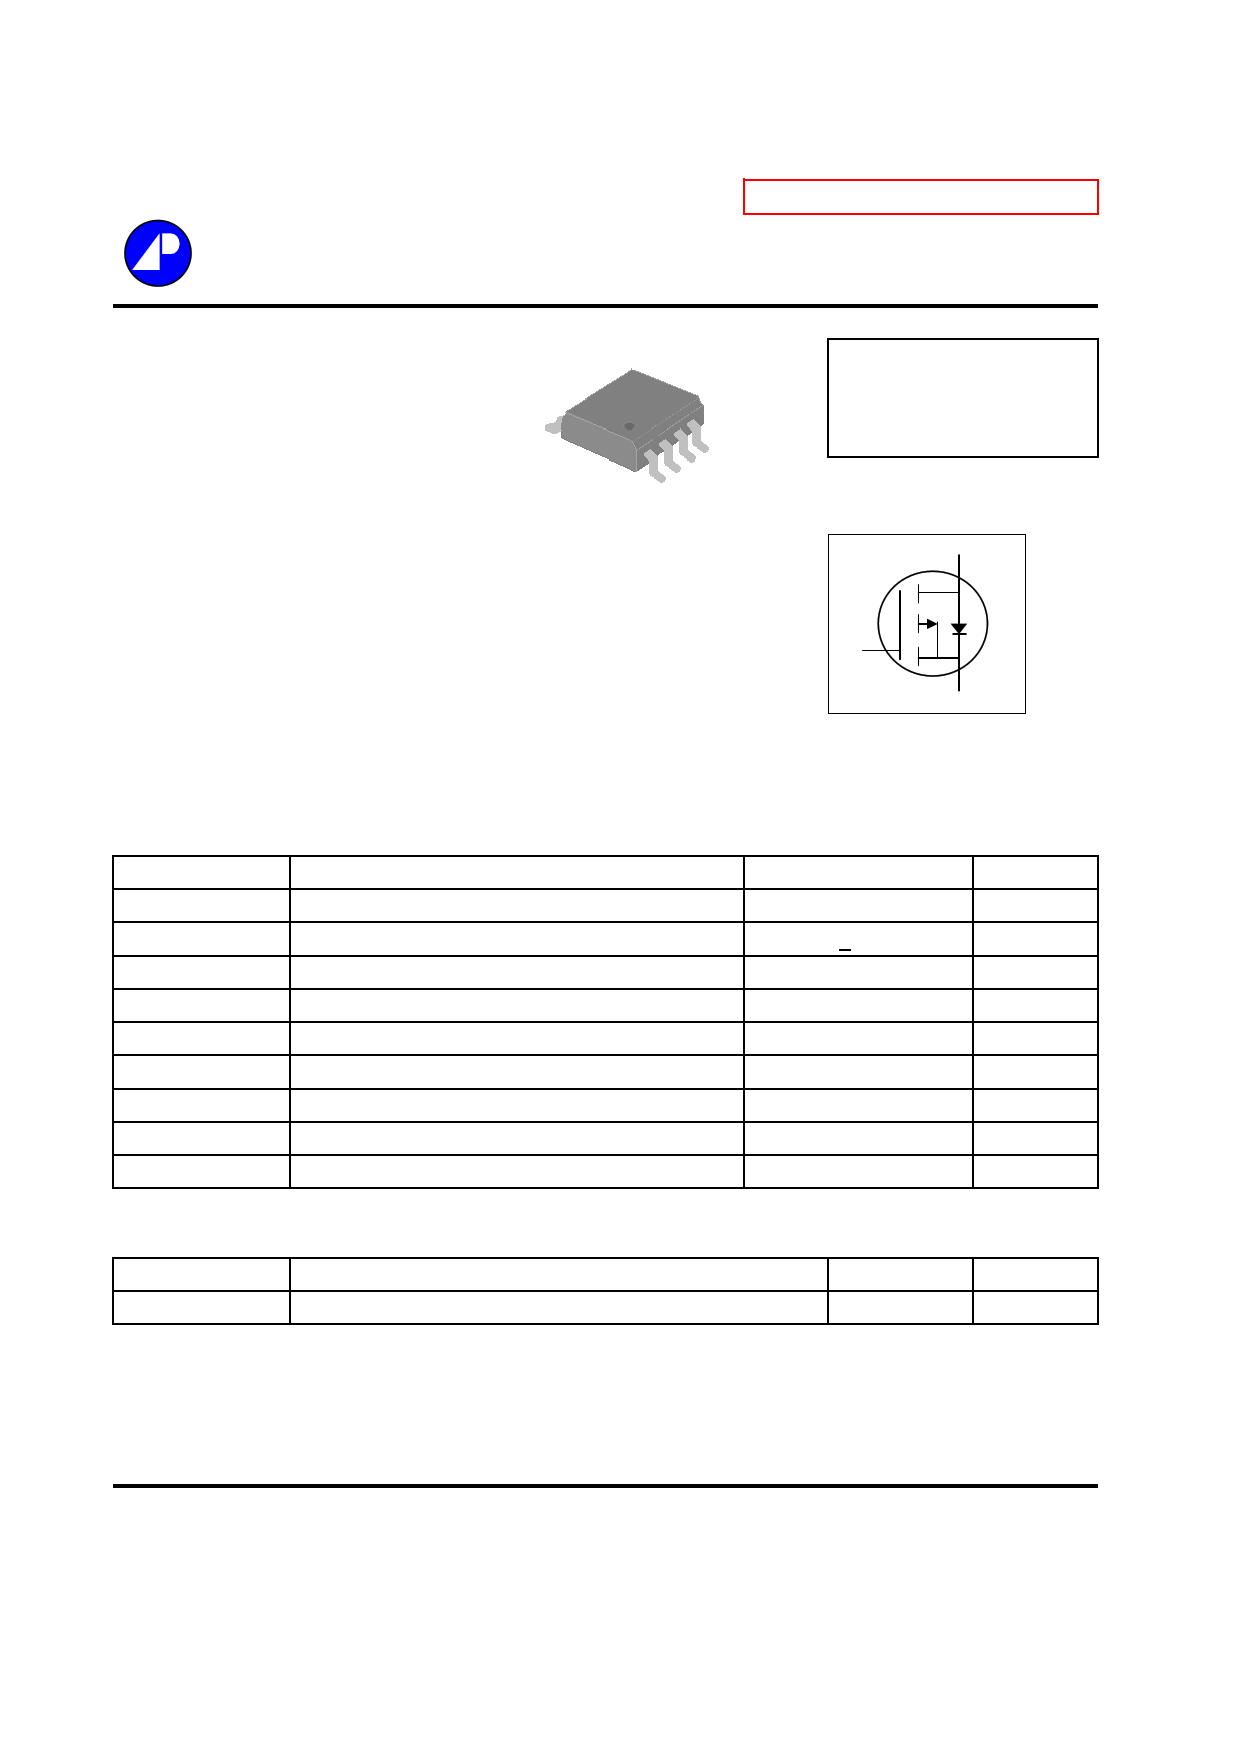 4435GM-HF datasheet, circuit